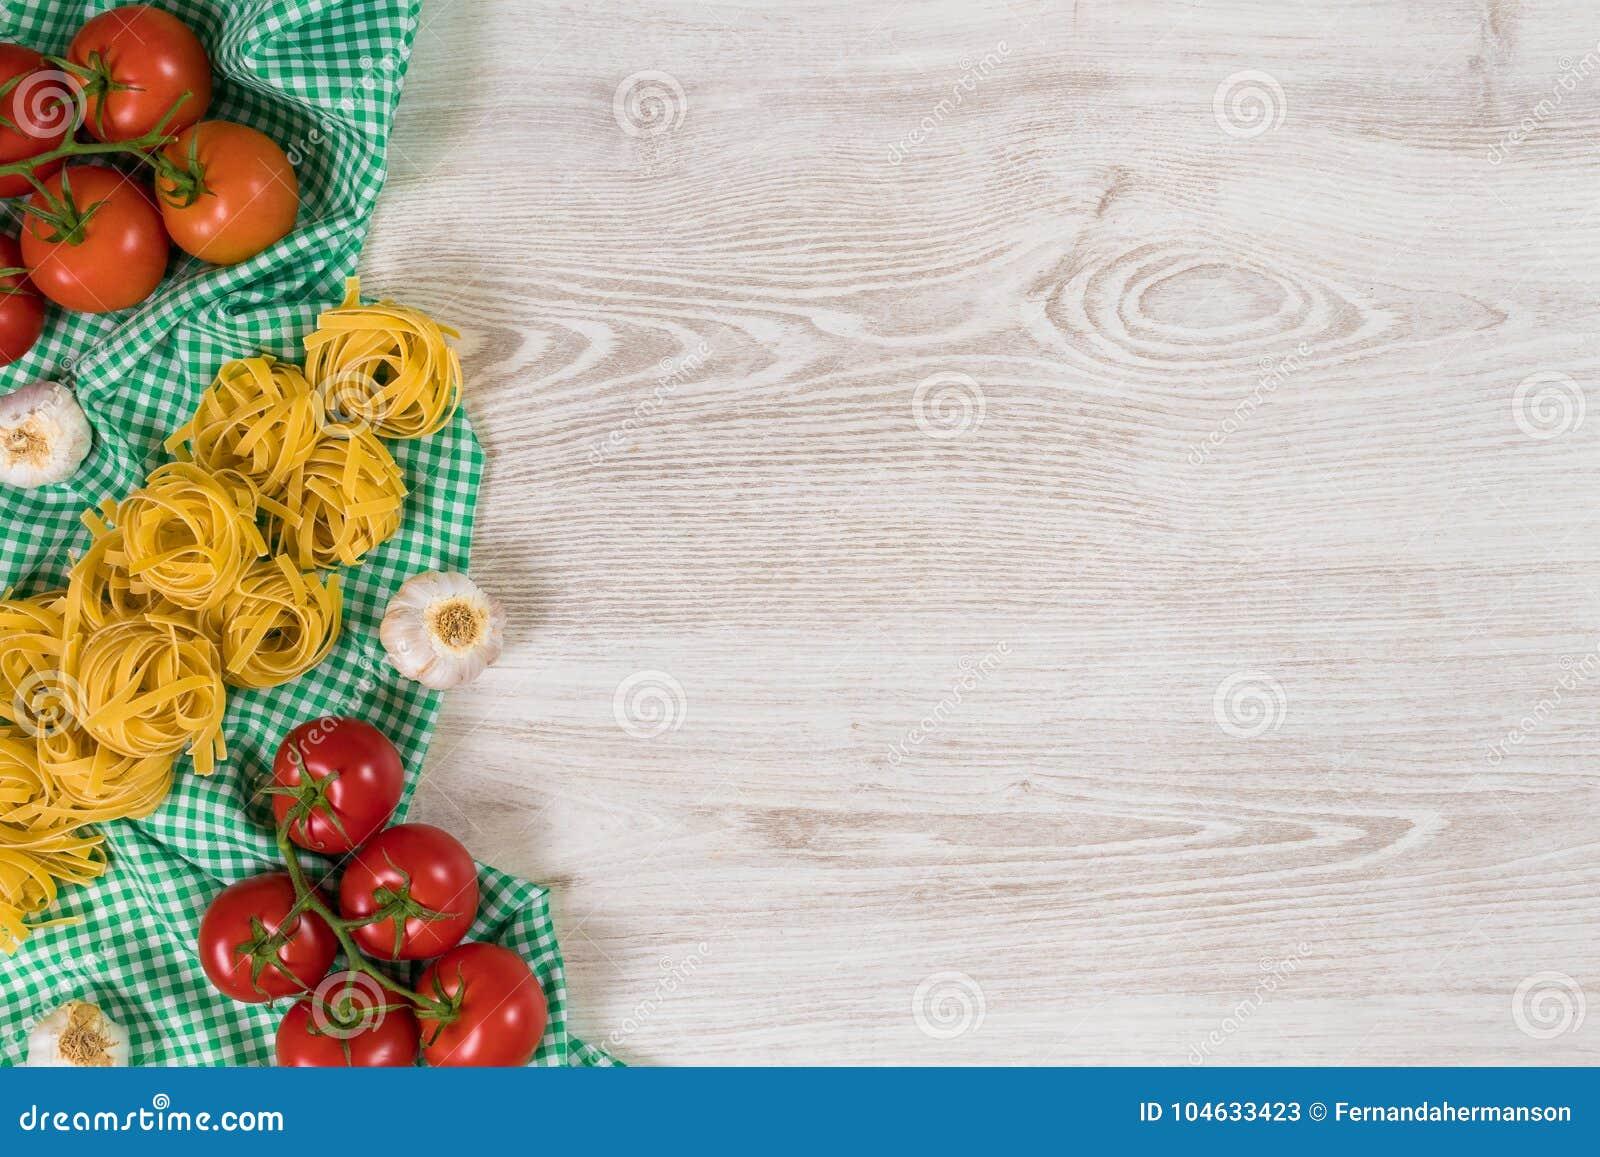 Download Italiaanse Deegwaren Ruwe Ingrediënten Op Houten Achtergrond Stock Afbeelding - Afbeelding bestaande uit kruid, narcotize: 104633423